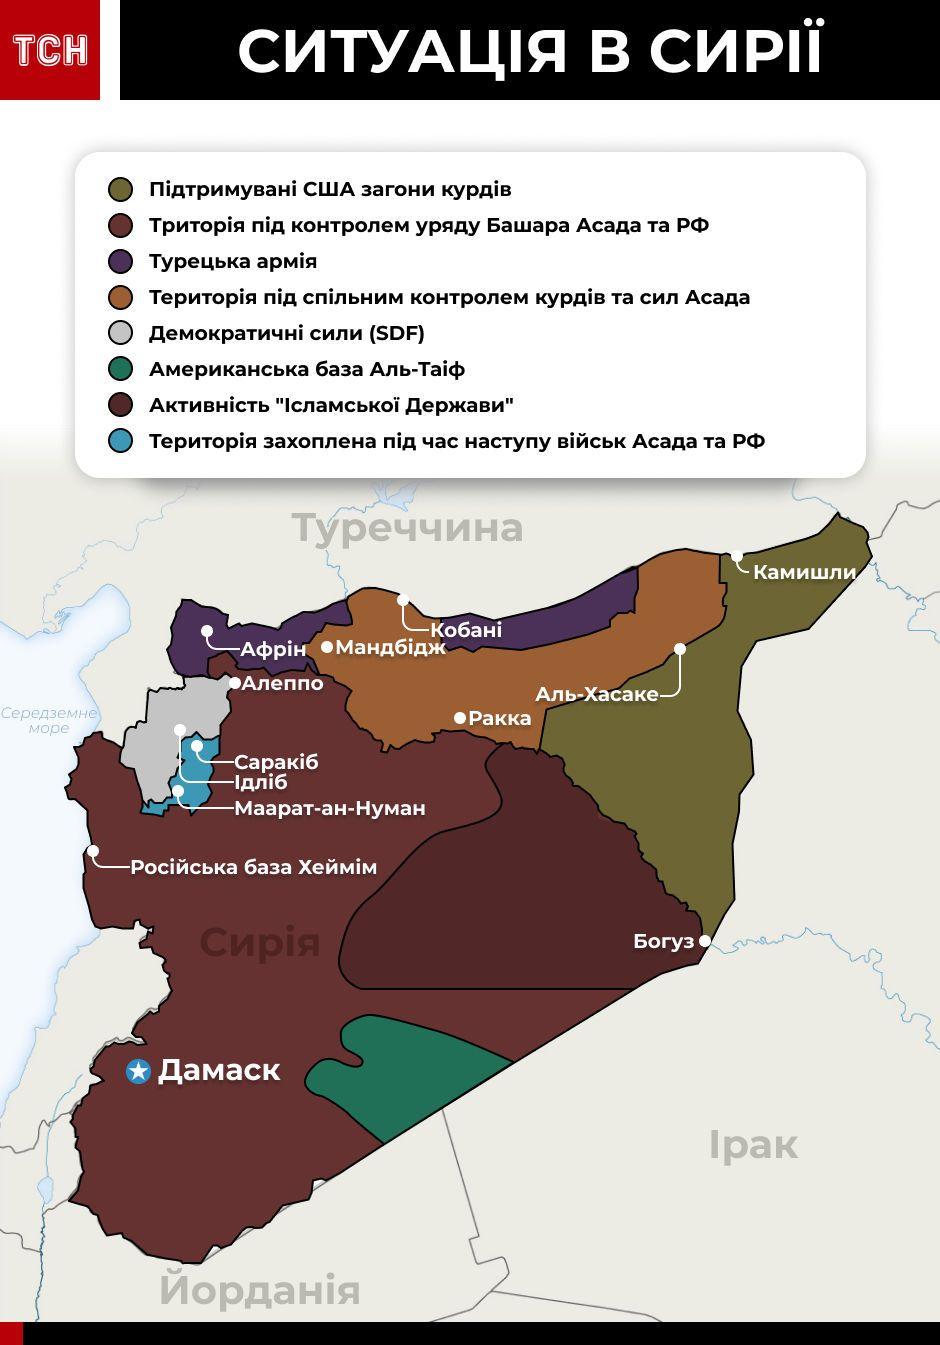 Ситуація в Сирії